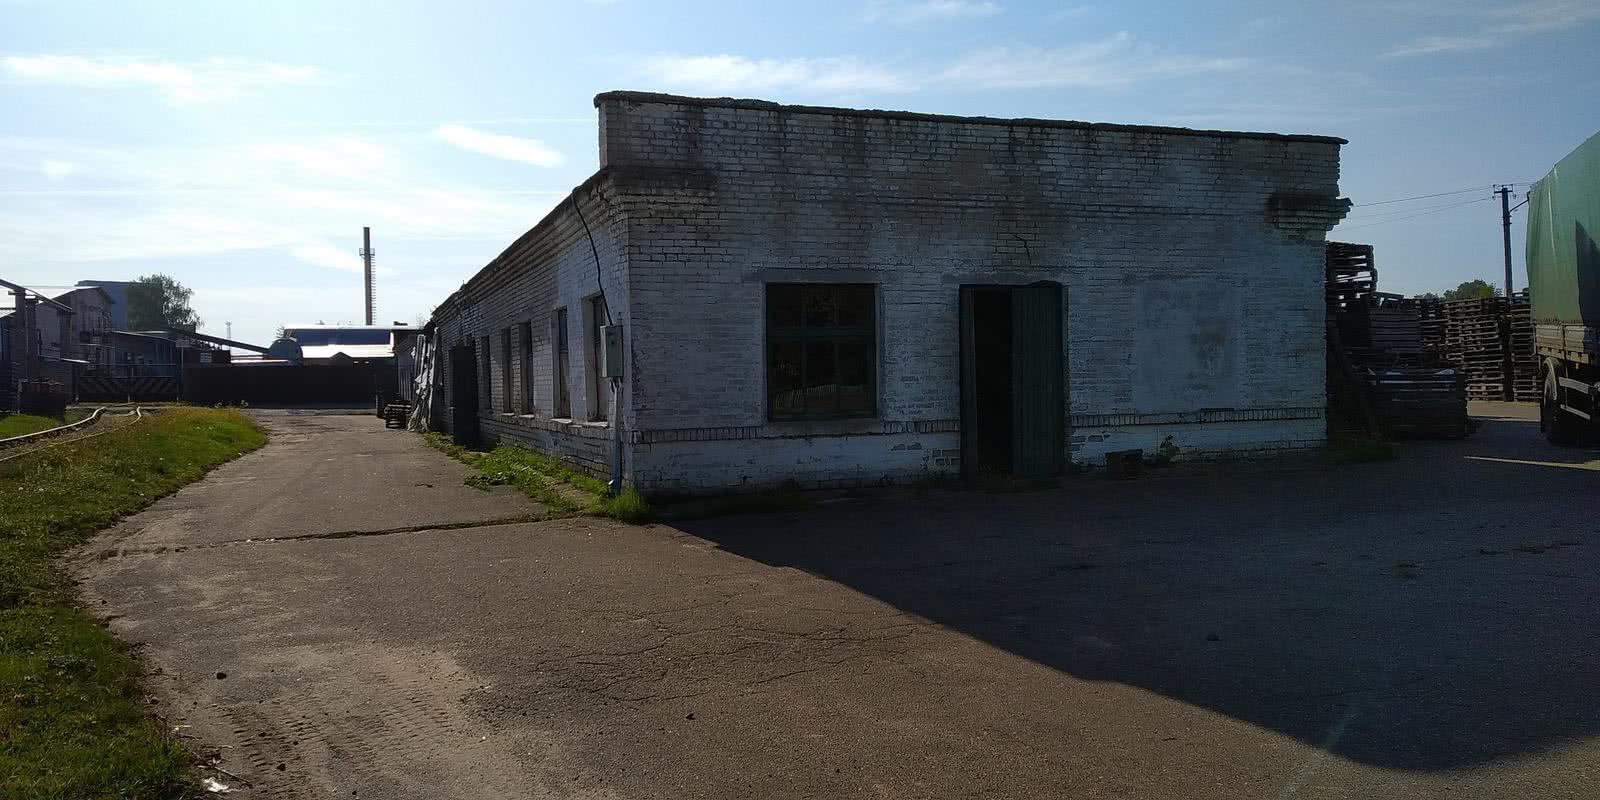 Аукцион по продаже недвижимости ул. Либаво-Роминская, 62 в Молодечно - фото 1